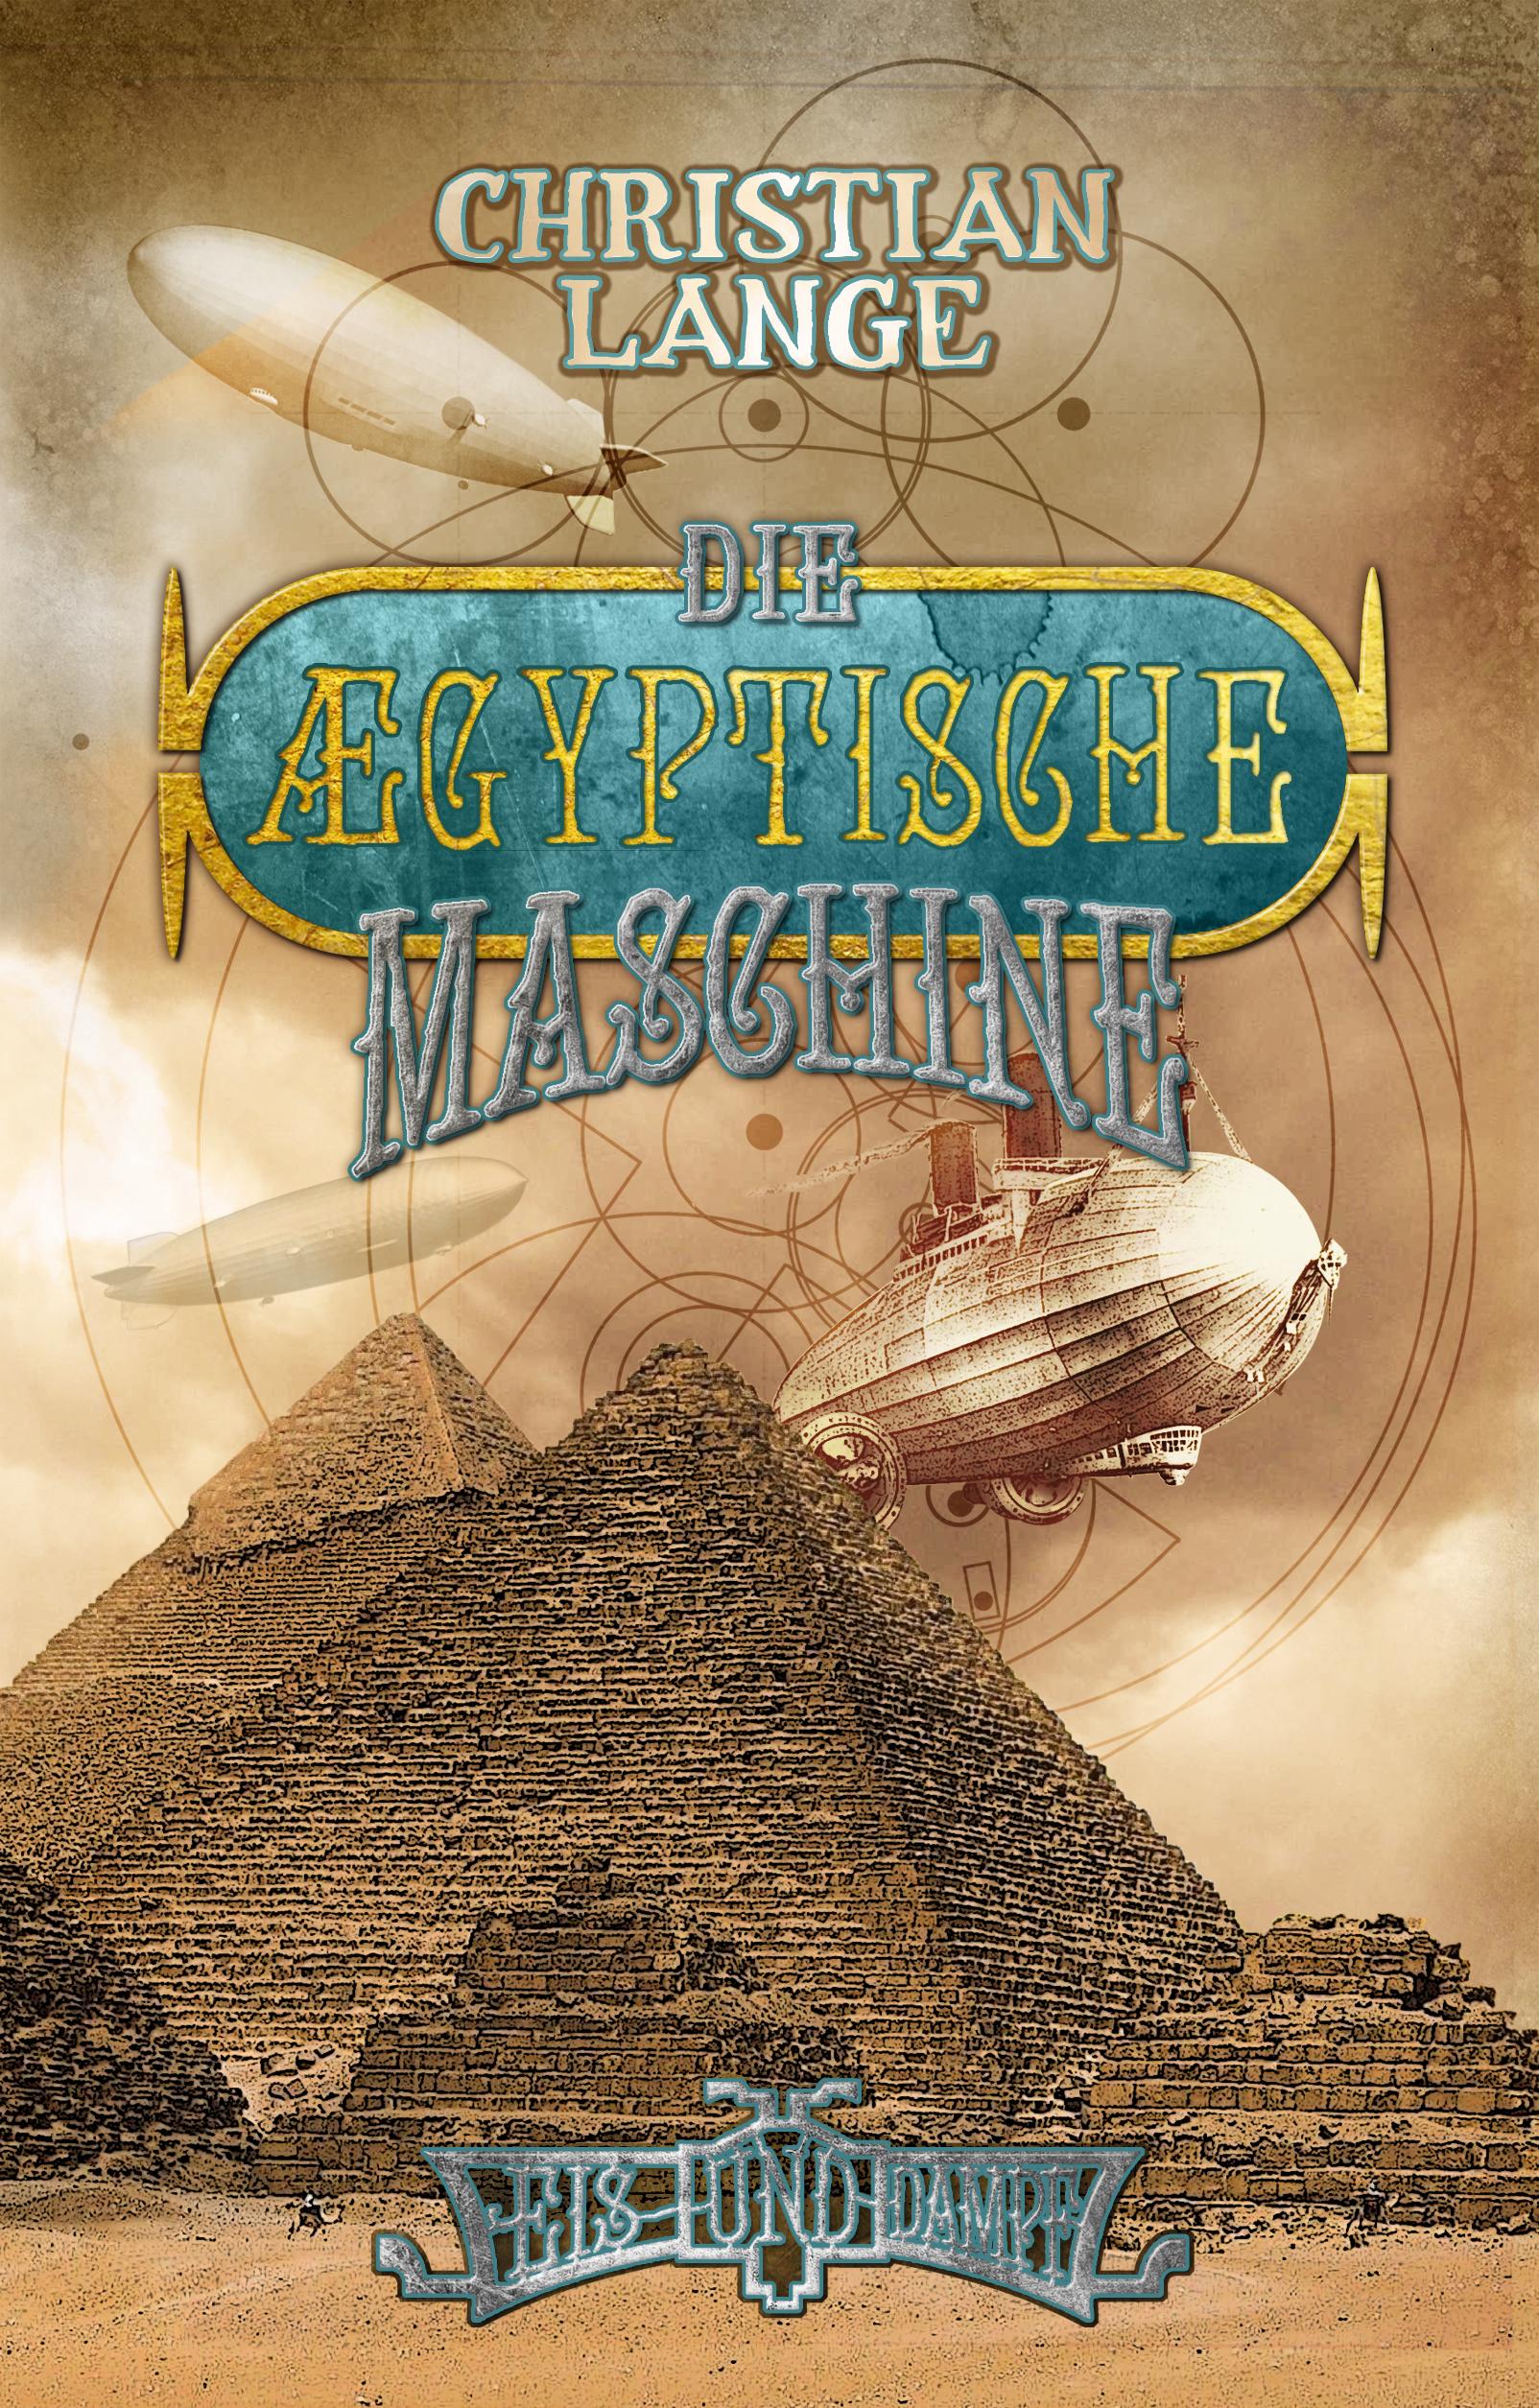 lange_christian_die_aegyptische_maschine_phantastik-autoren-netzwerk.jpg